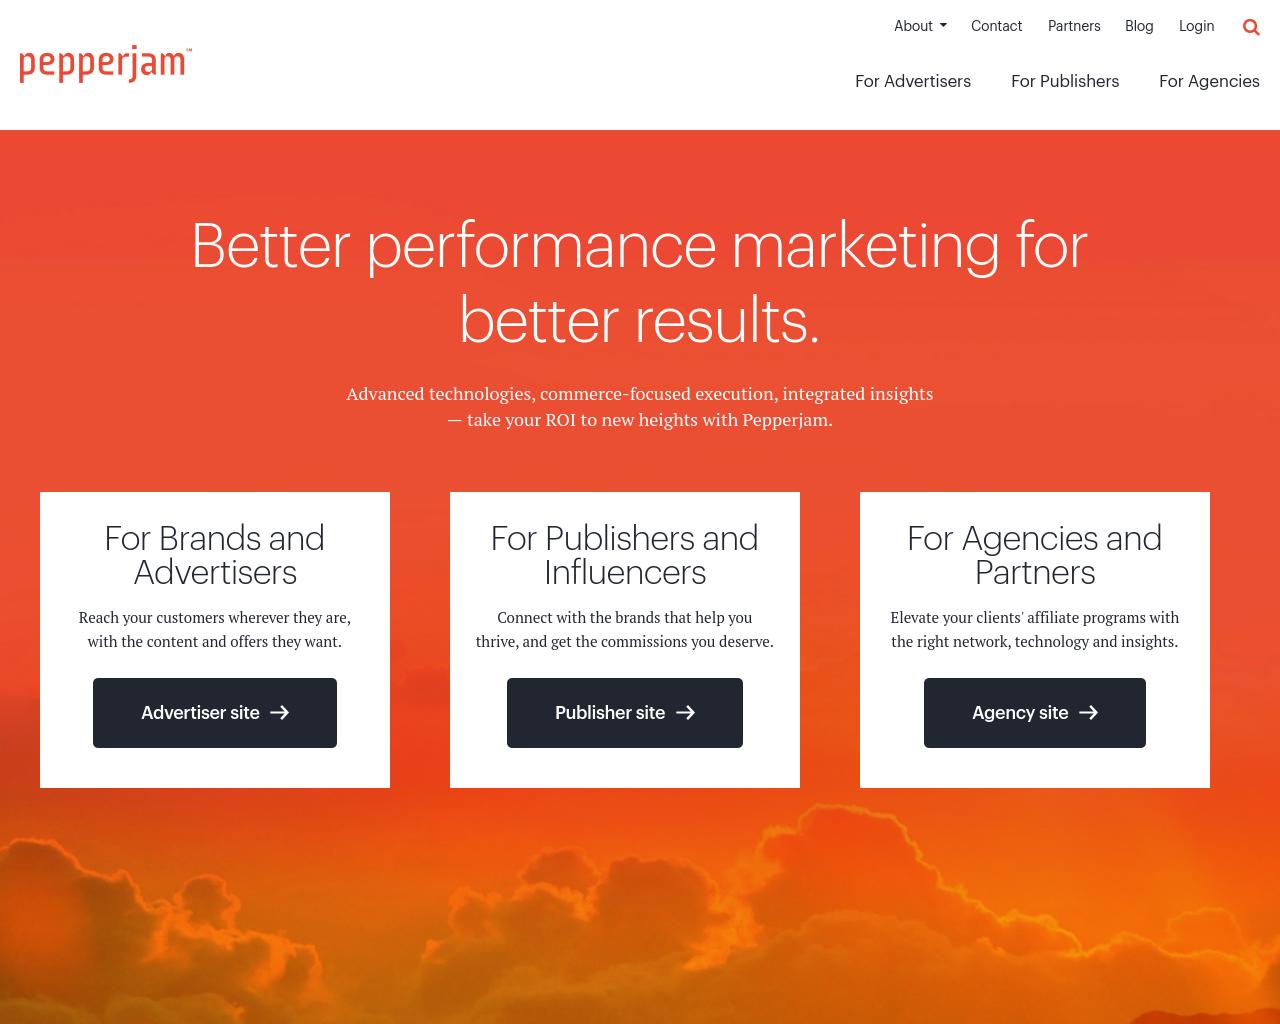 PepperJam-Network-Advertising-Reviews-Pricing